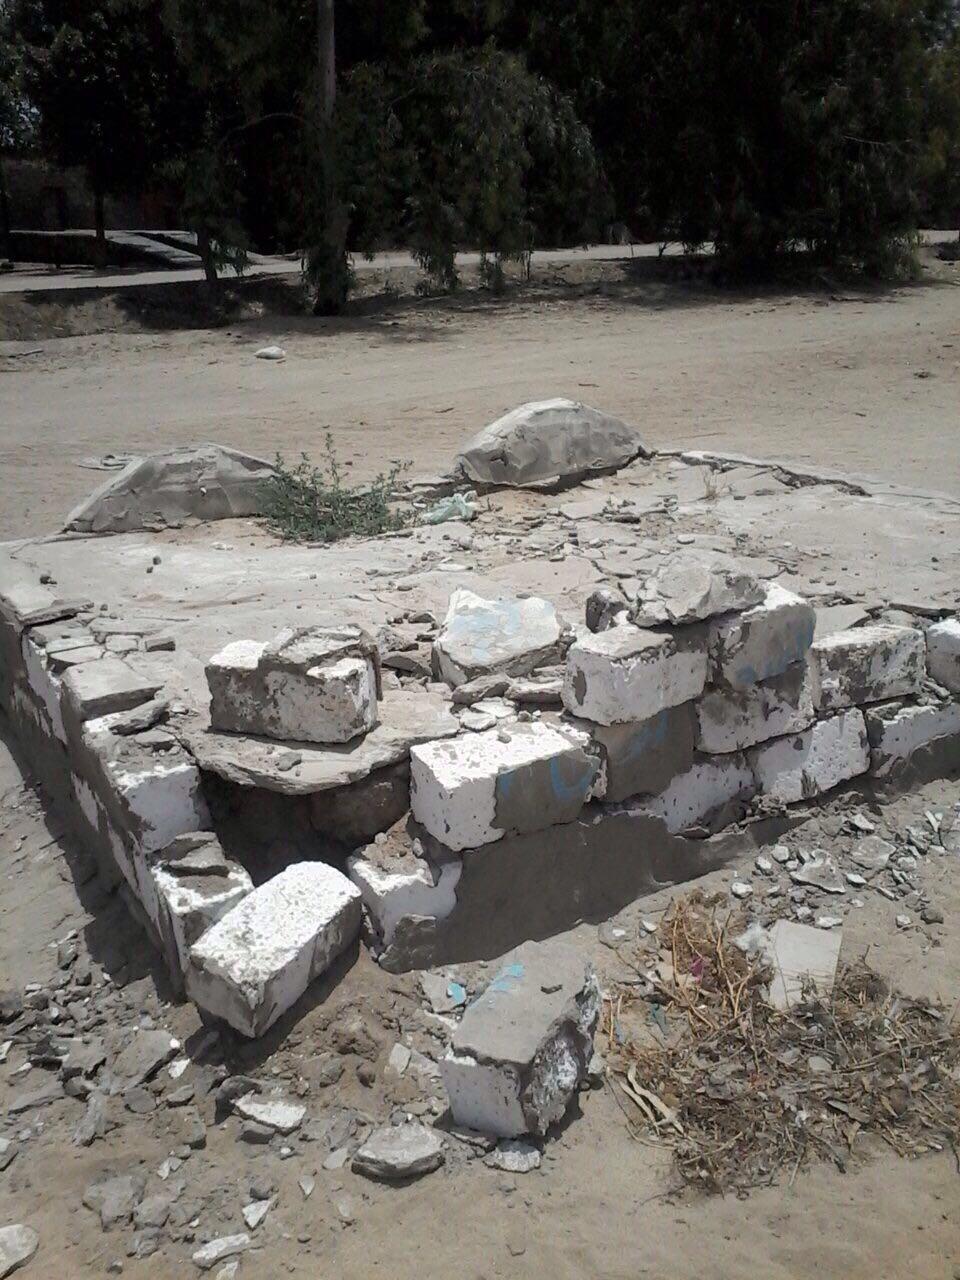 أهالى الصالحية القديمة بالشرقية يهددون بالإضراب عن الطعام بسبب الإصرار على هدم مقابرهم